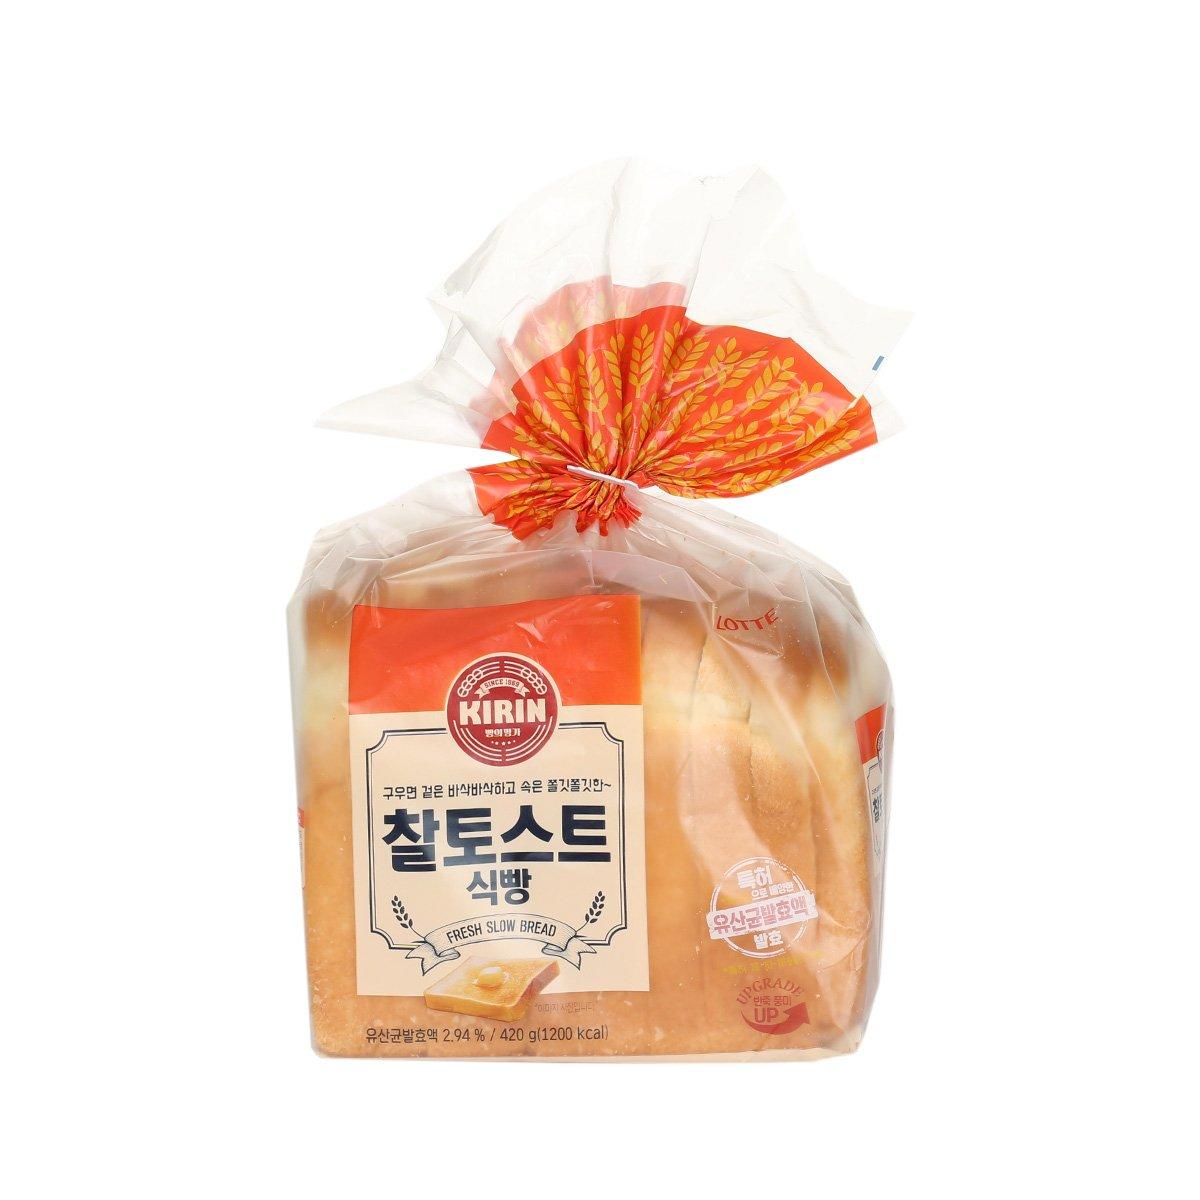 롯데 찰토스트식빵420g